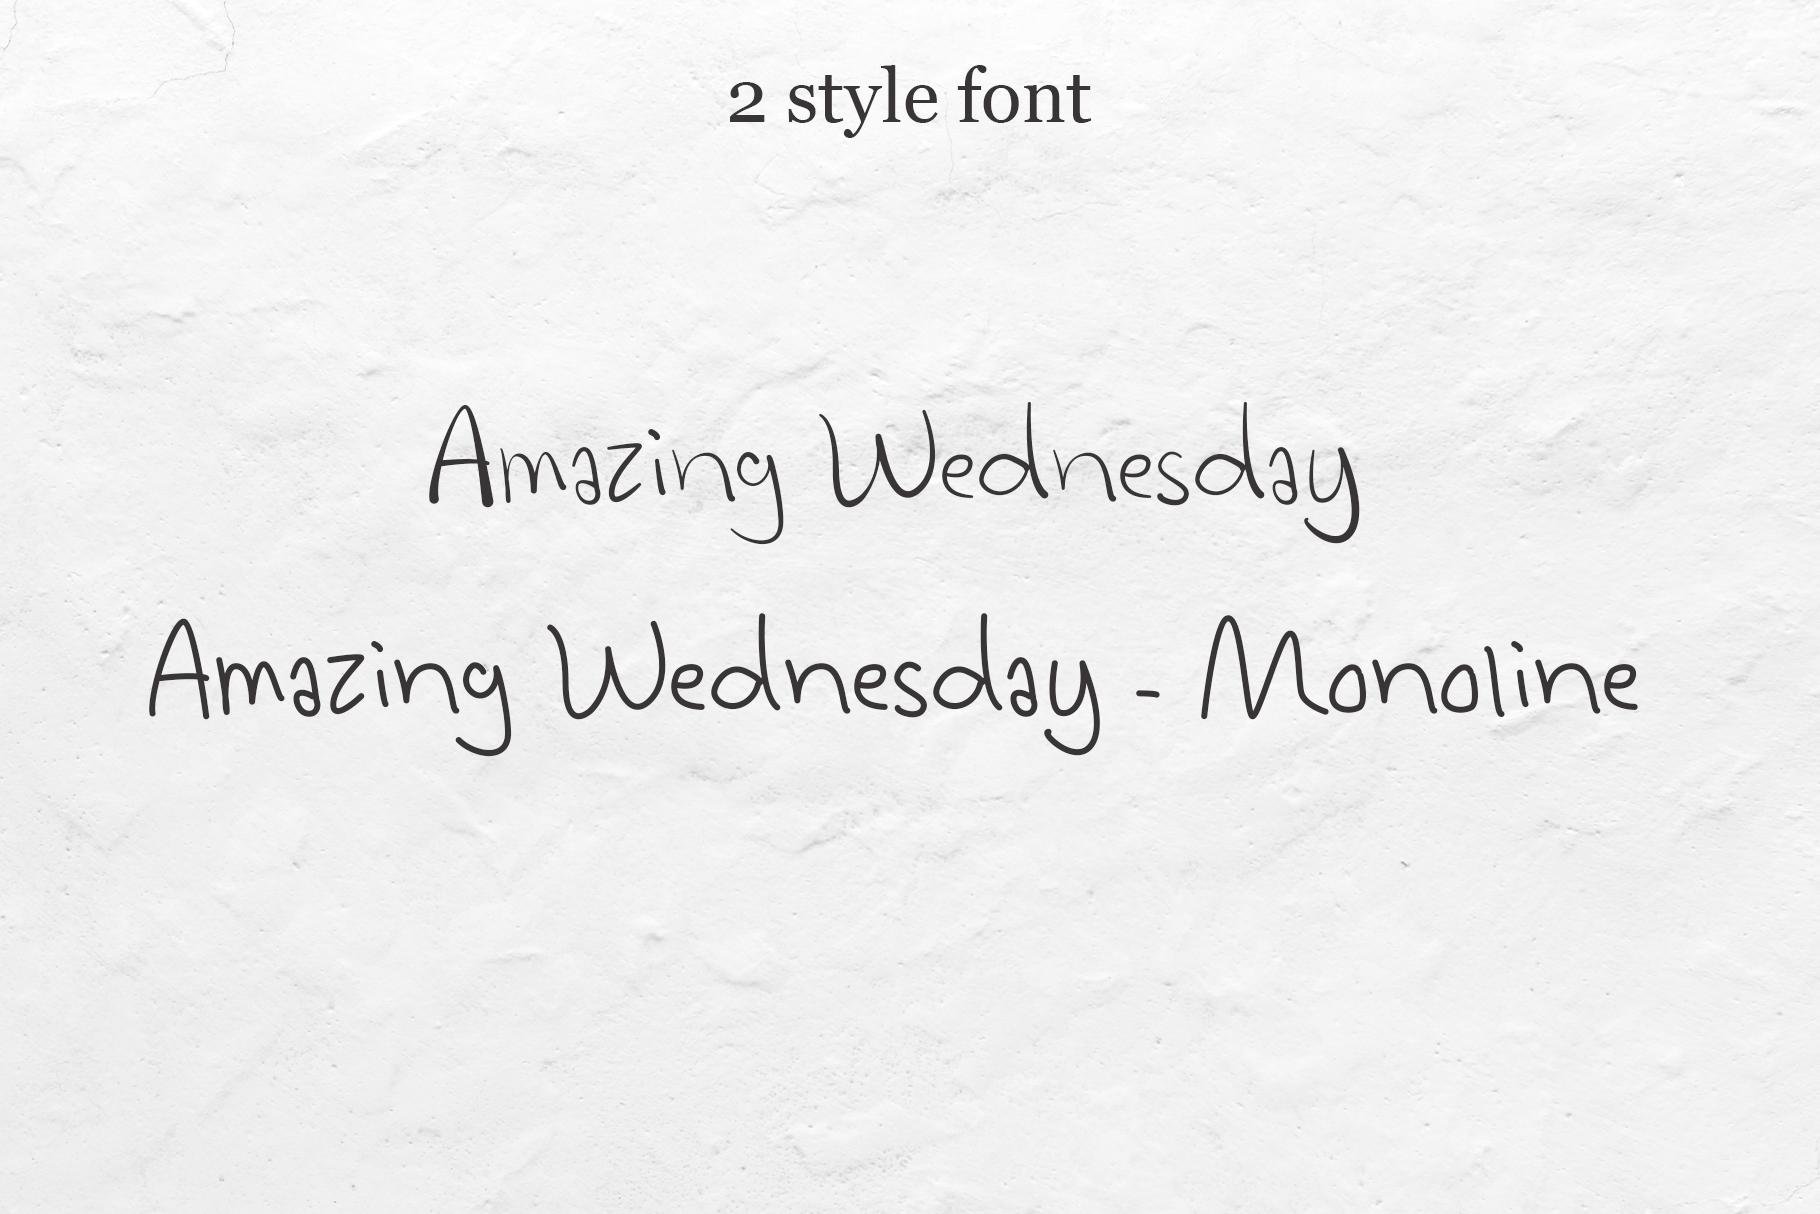 Amazing Wednesday - Handwritten Font example image 2